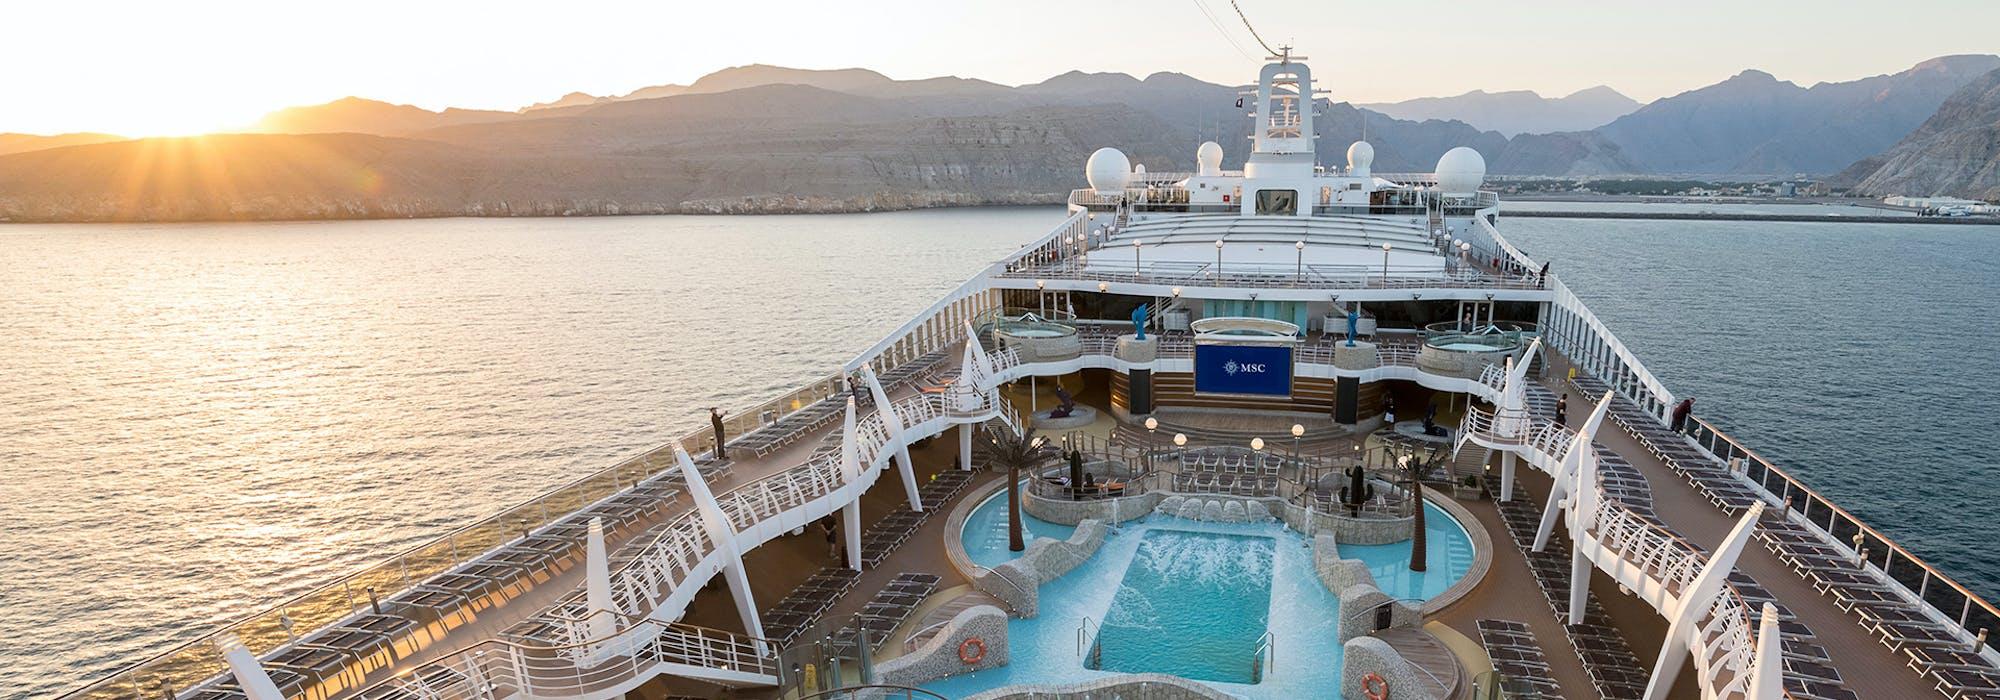 Vacker bild på MSC Splendidas sol- och pooldäck när fartyget närmar sig en hamn i solnedgången.